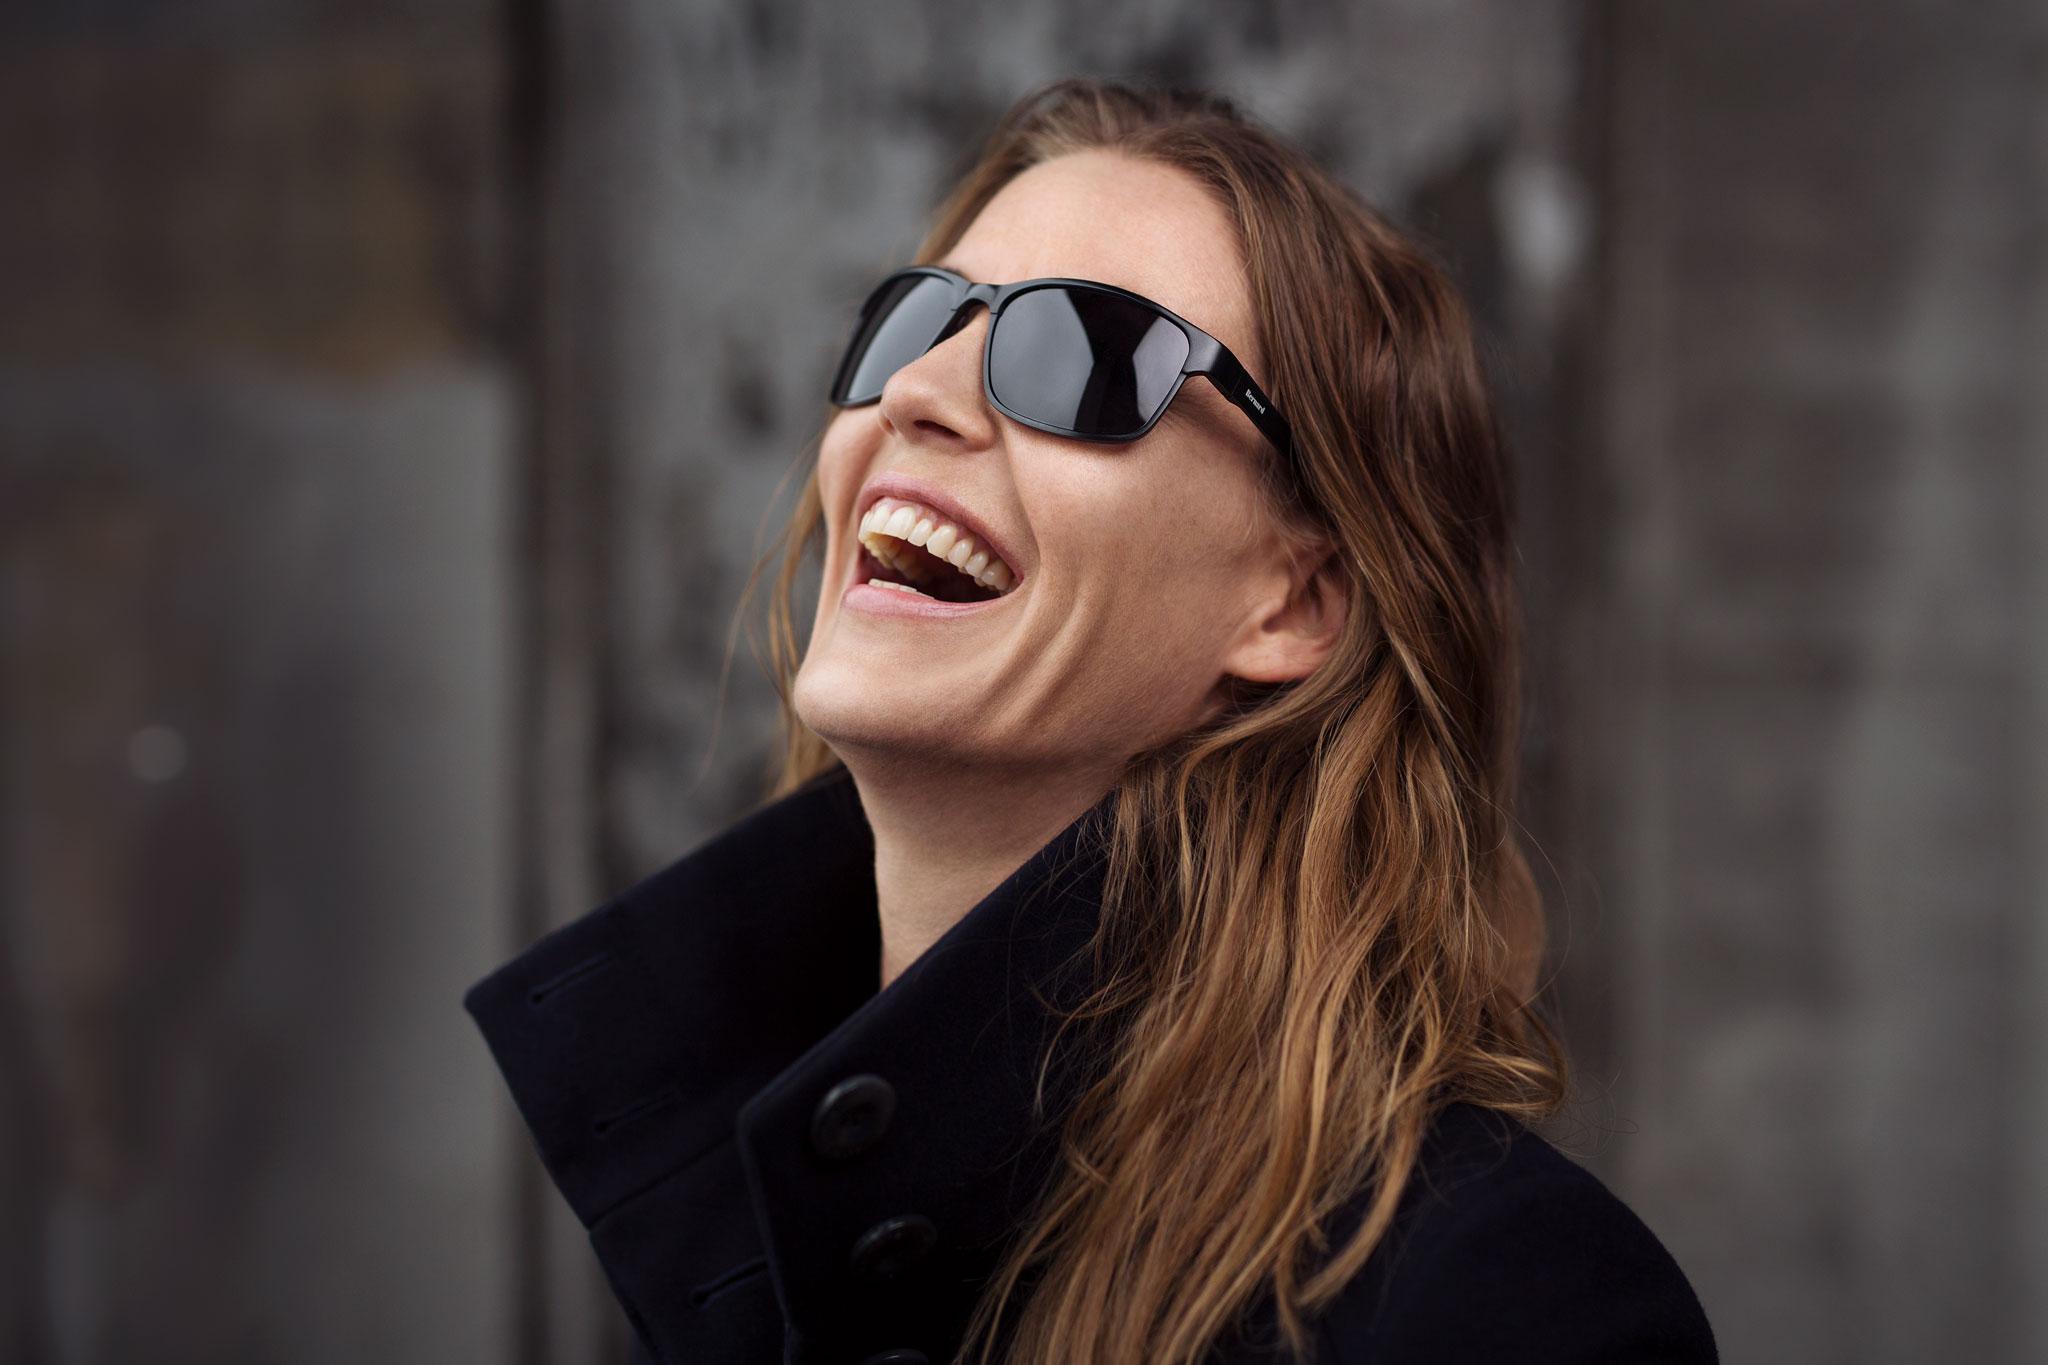 Fotograf til solbrillemode